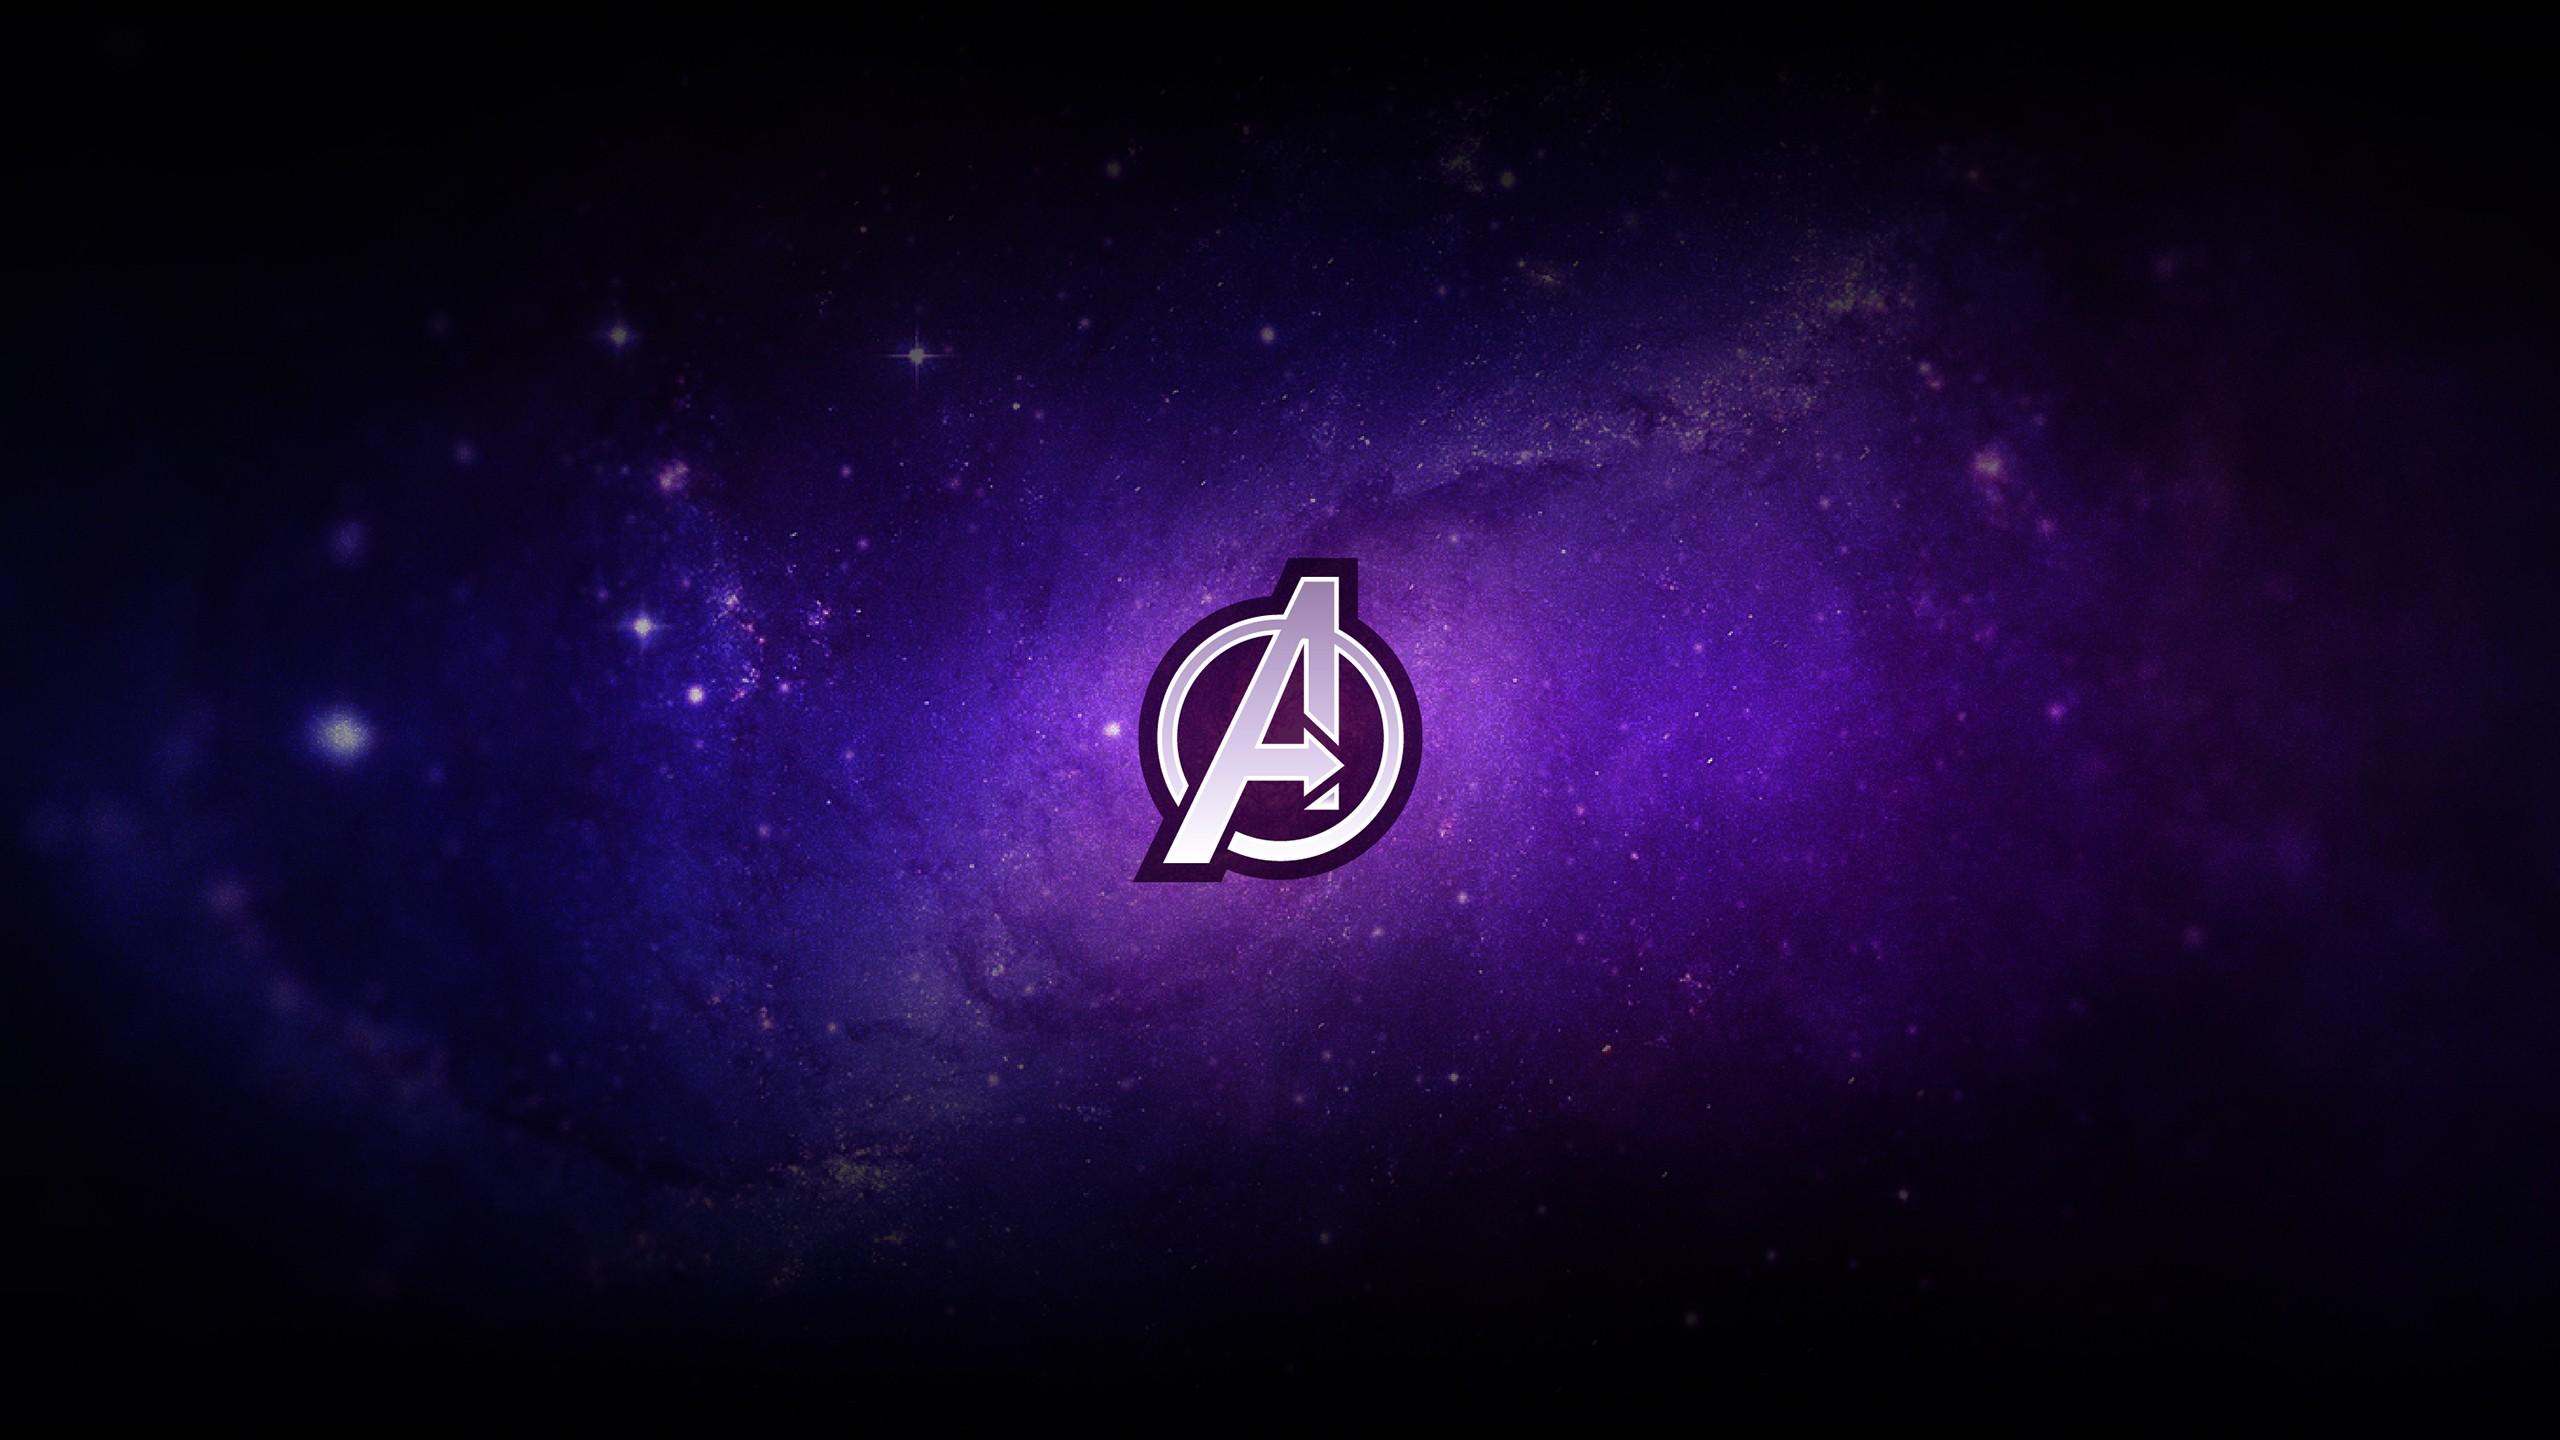 Shield Wallpaper Hd Avengers Logo Wallpapers Hd Wallpapers Id 28562